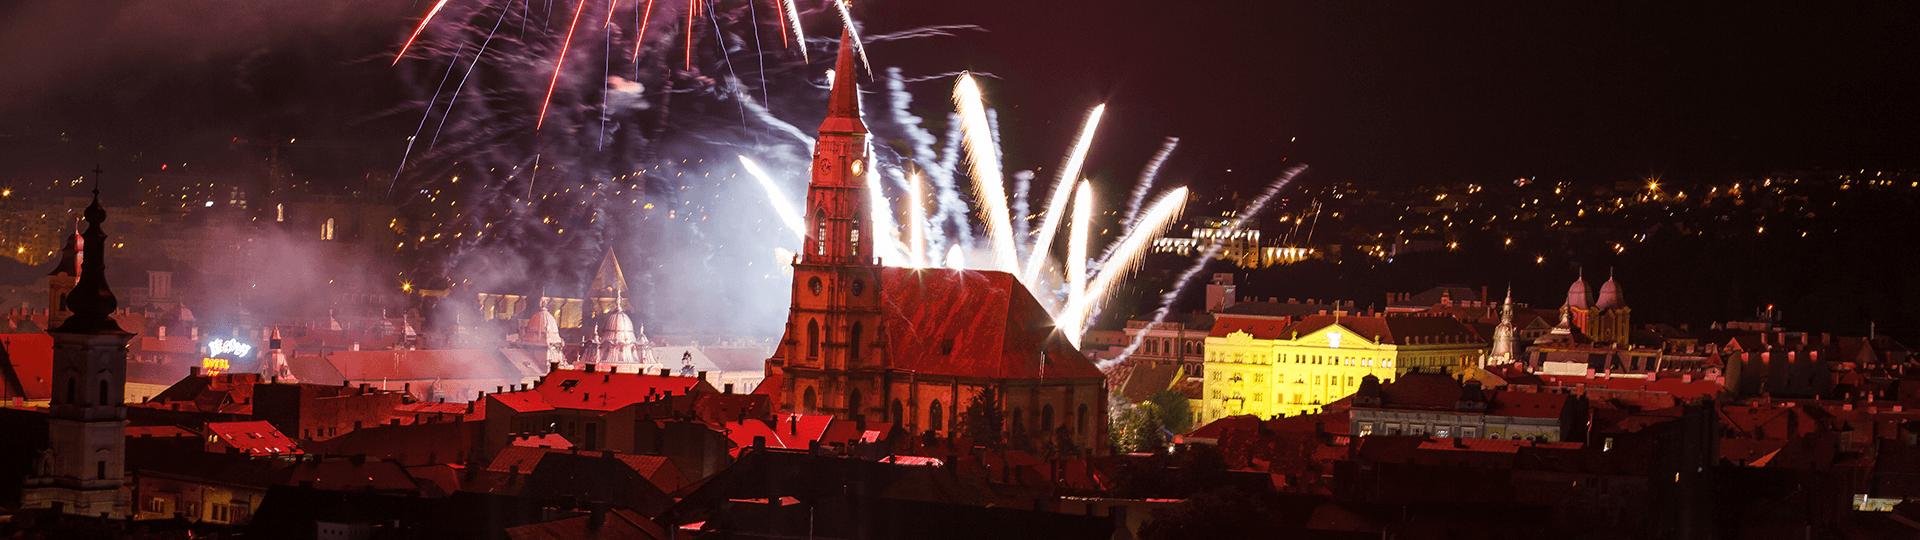 Evenimente Cluj Napoca